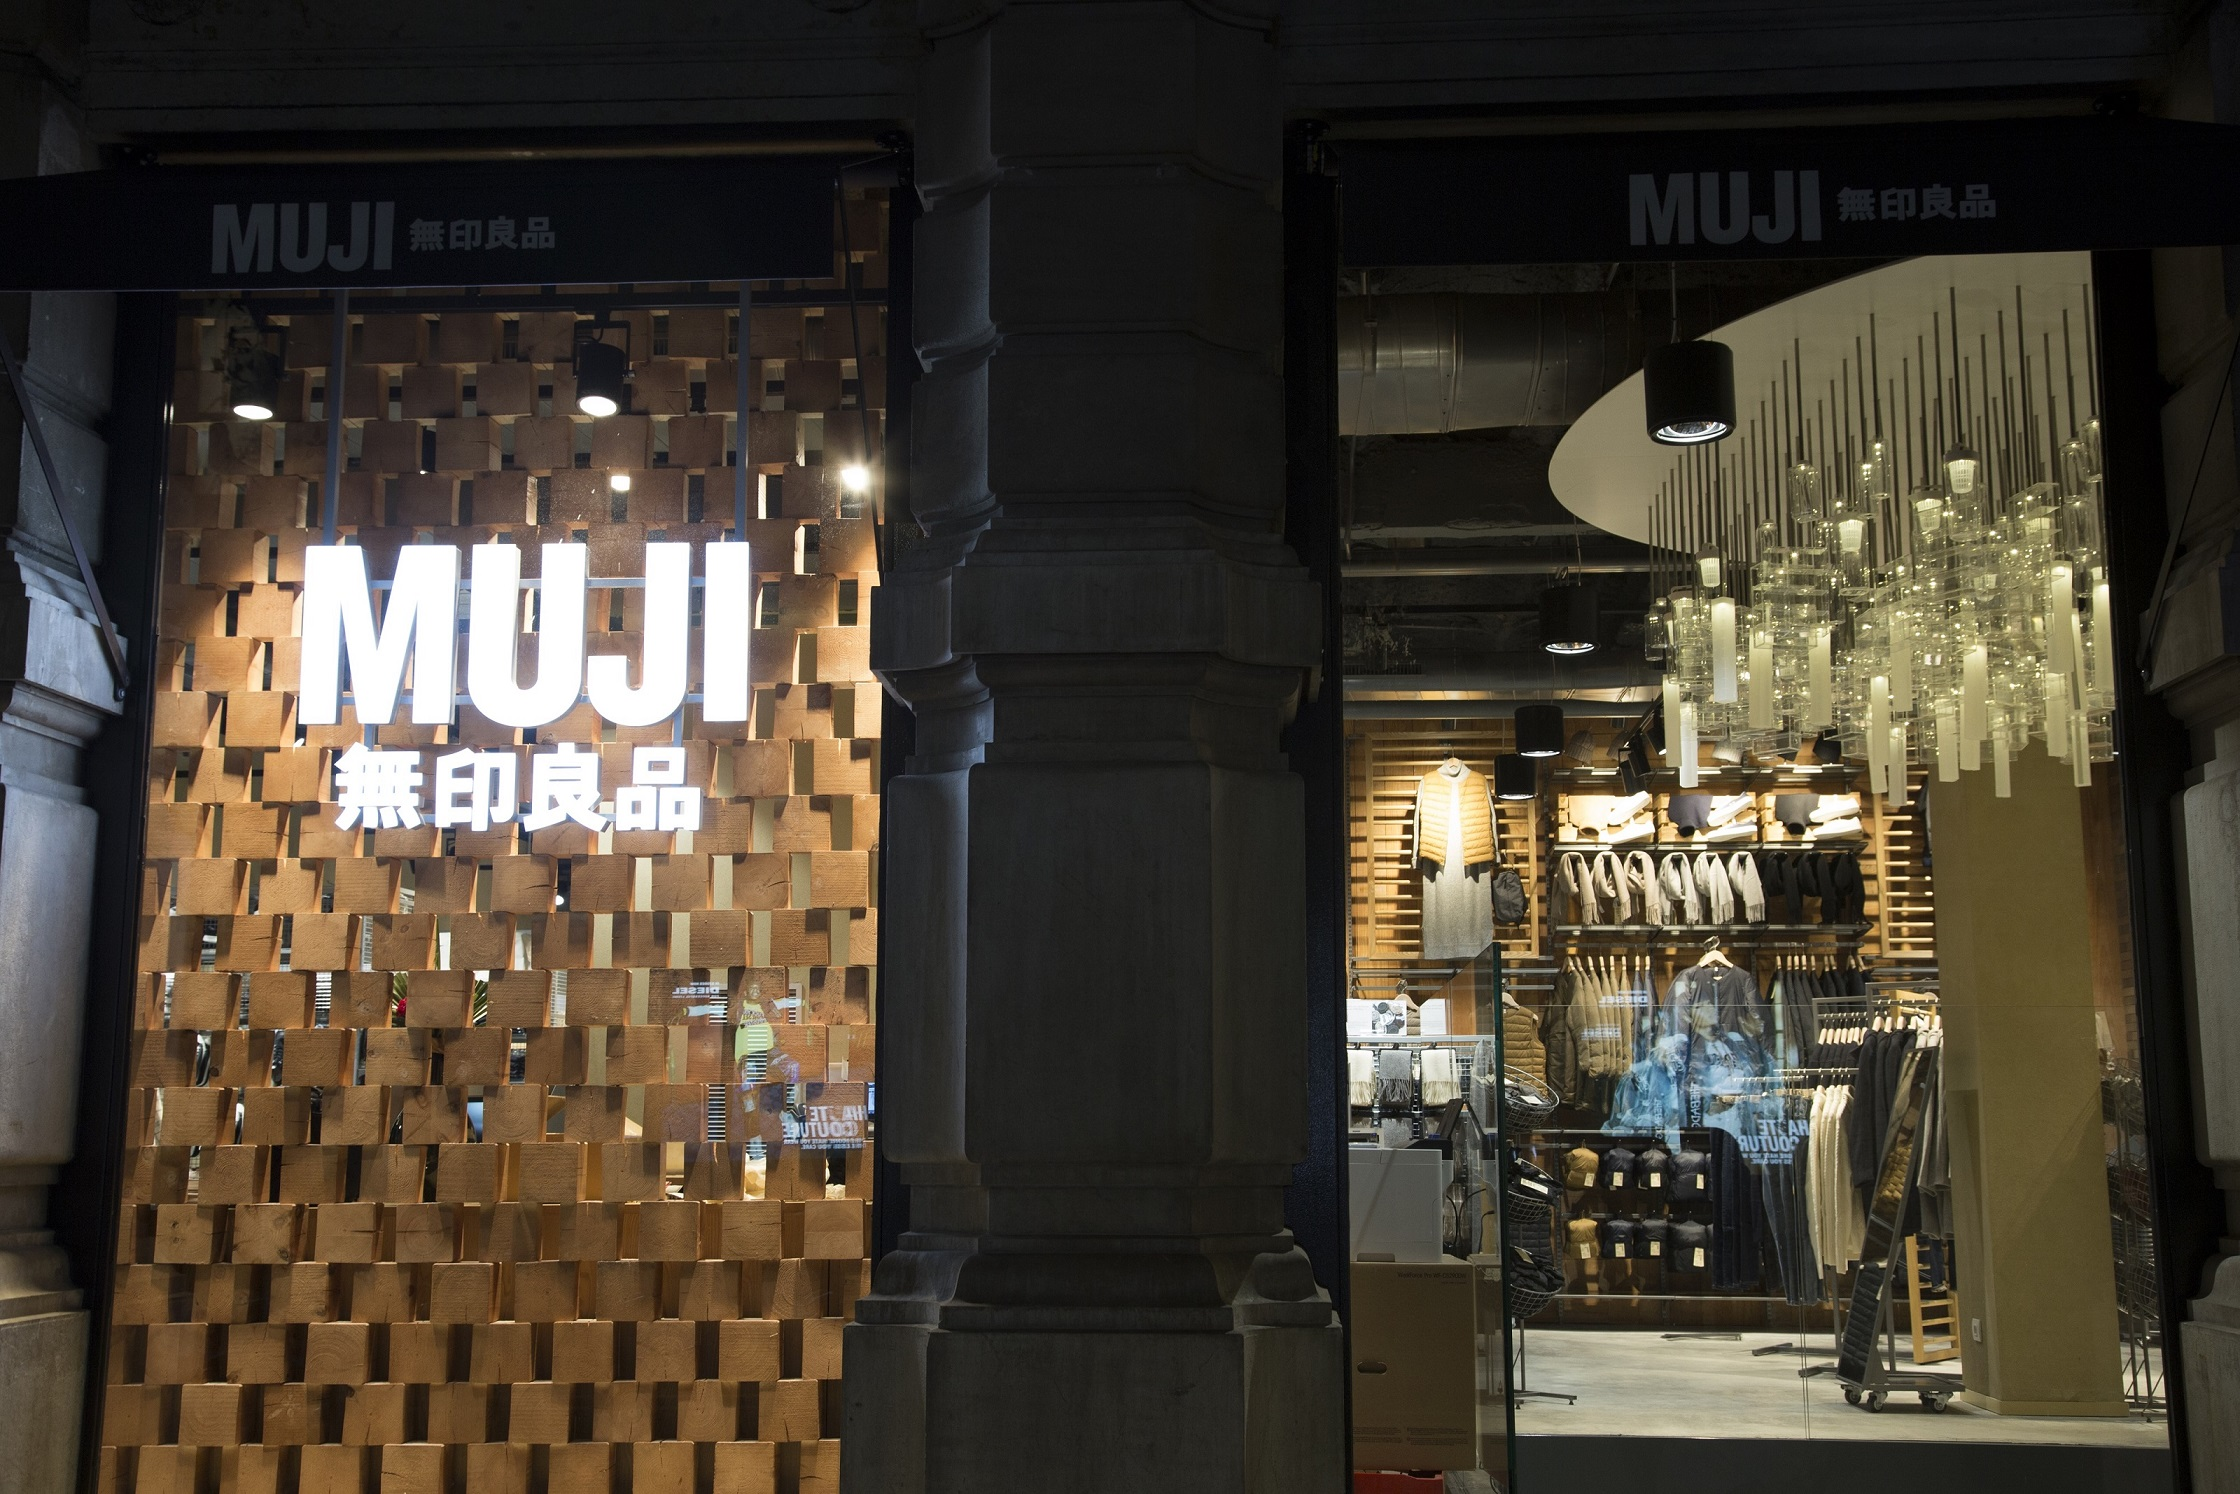 MUJI_Flagship store (01)